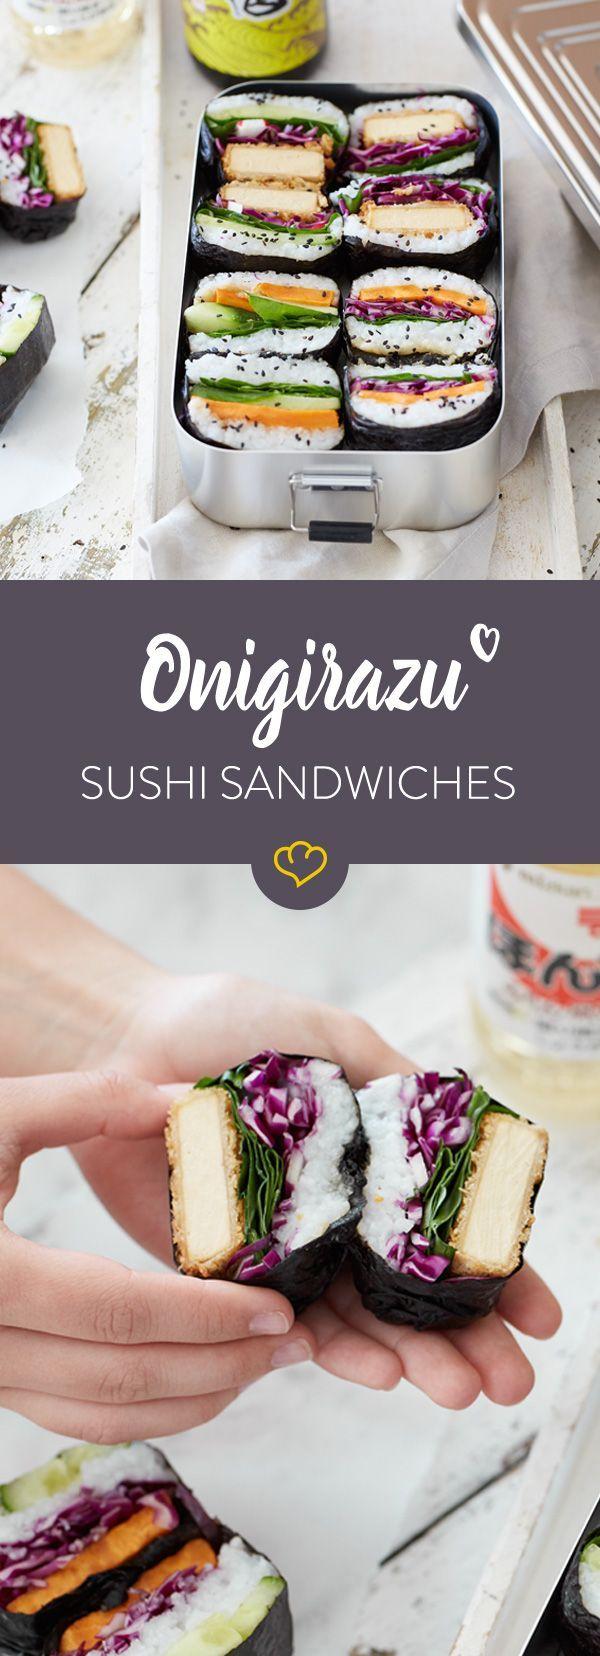 Stäbchen brauchst du nicht! Ab heute landet dein Sushi als handliche, vegetarische Sandwisches in deiner Lunchbox - perfekt zum Snacken für unterwegs.